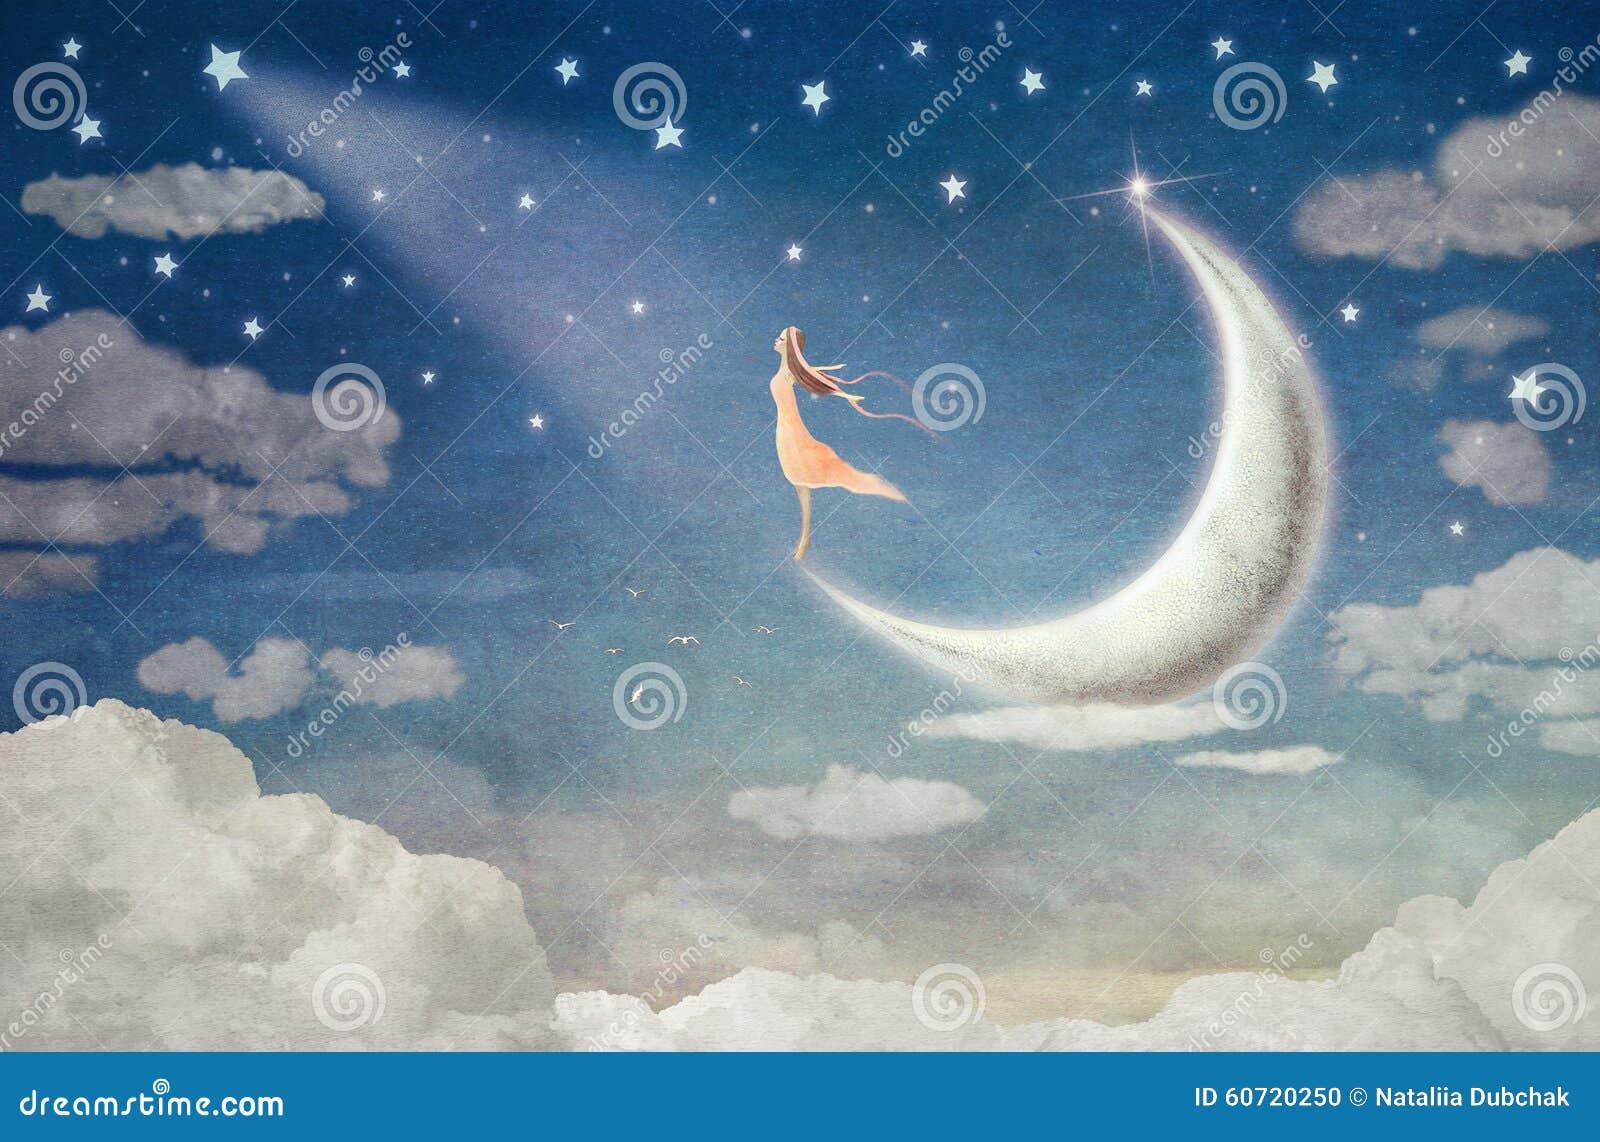 月亮的女孩敬佩夜空